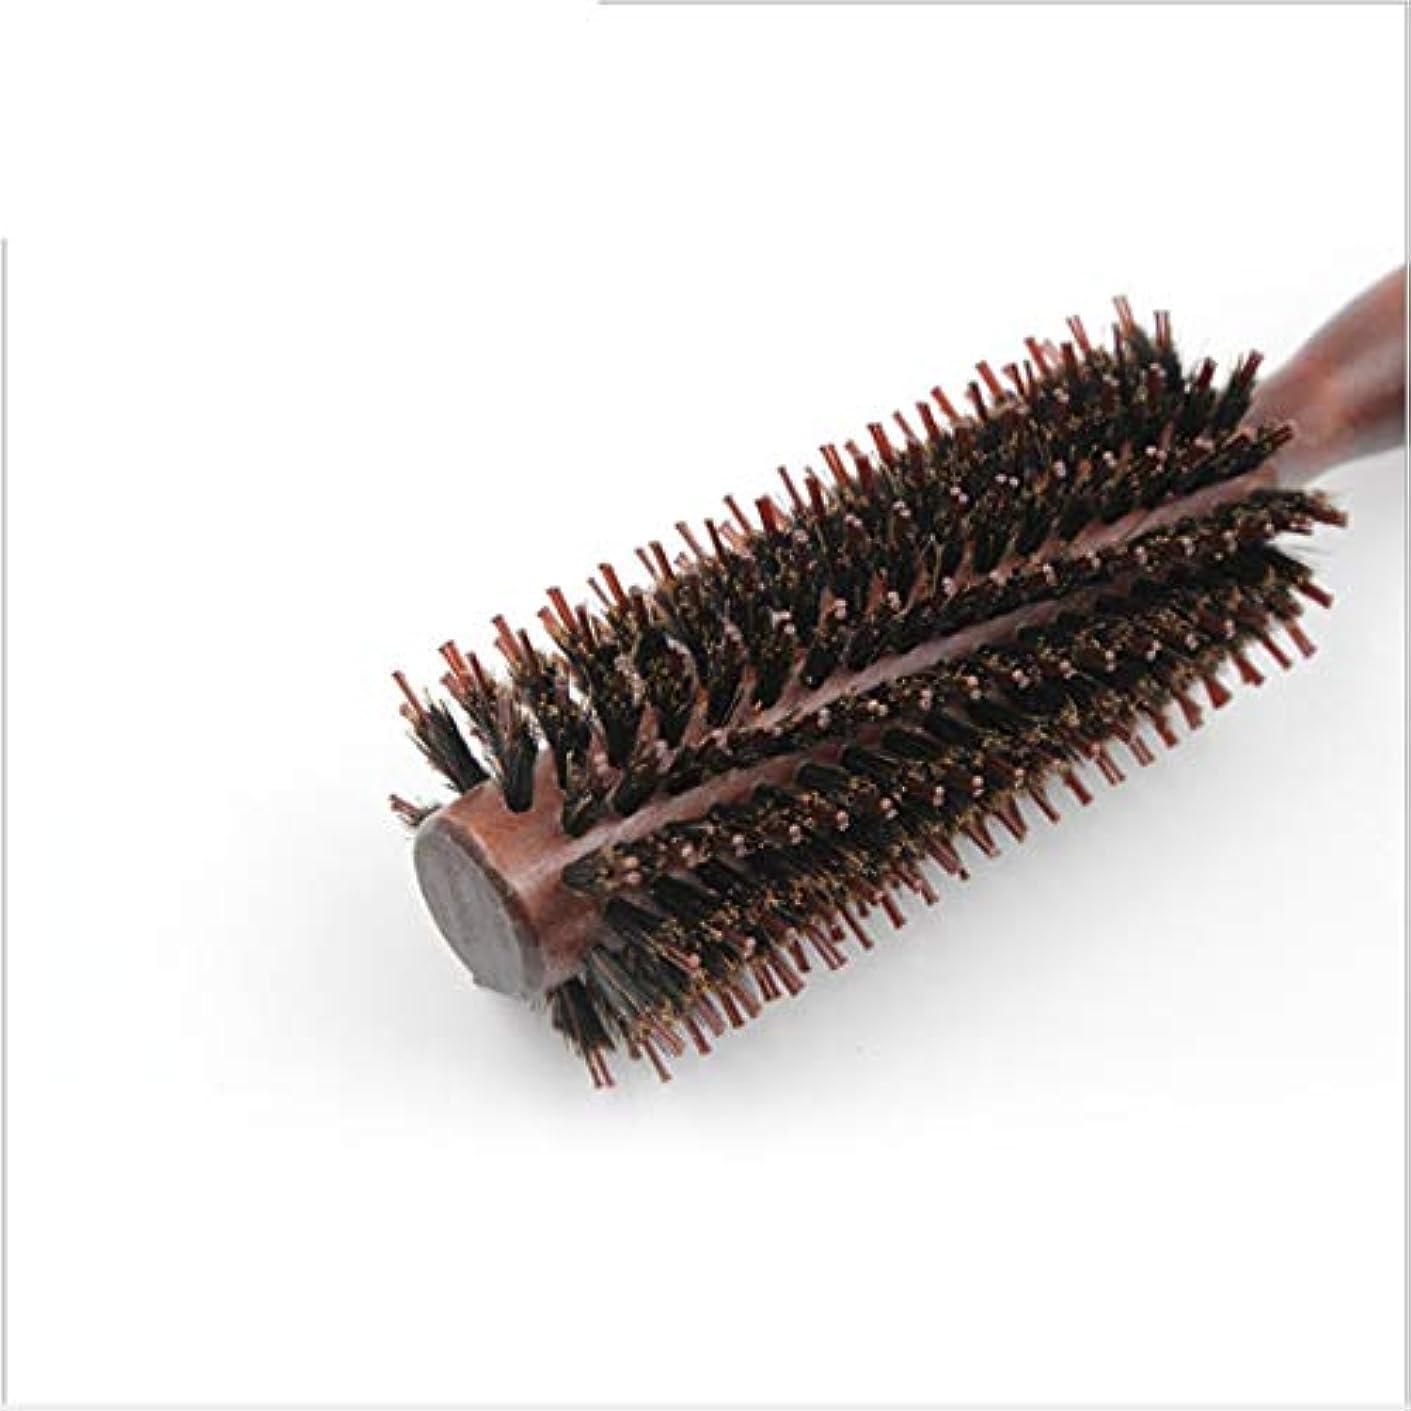 またはどちらか急いで浮く23センチメートル長い尖ったハンドルラウンドブラシ、ツイルとストレートコーム - ヘアドライヤーと男性と女性のためのナチュラル木製ハンドルヘアブラシとカール - 乾燥スタイル、巻き毛と乾いた髪 ヘアケア (サイズ : Till-S)